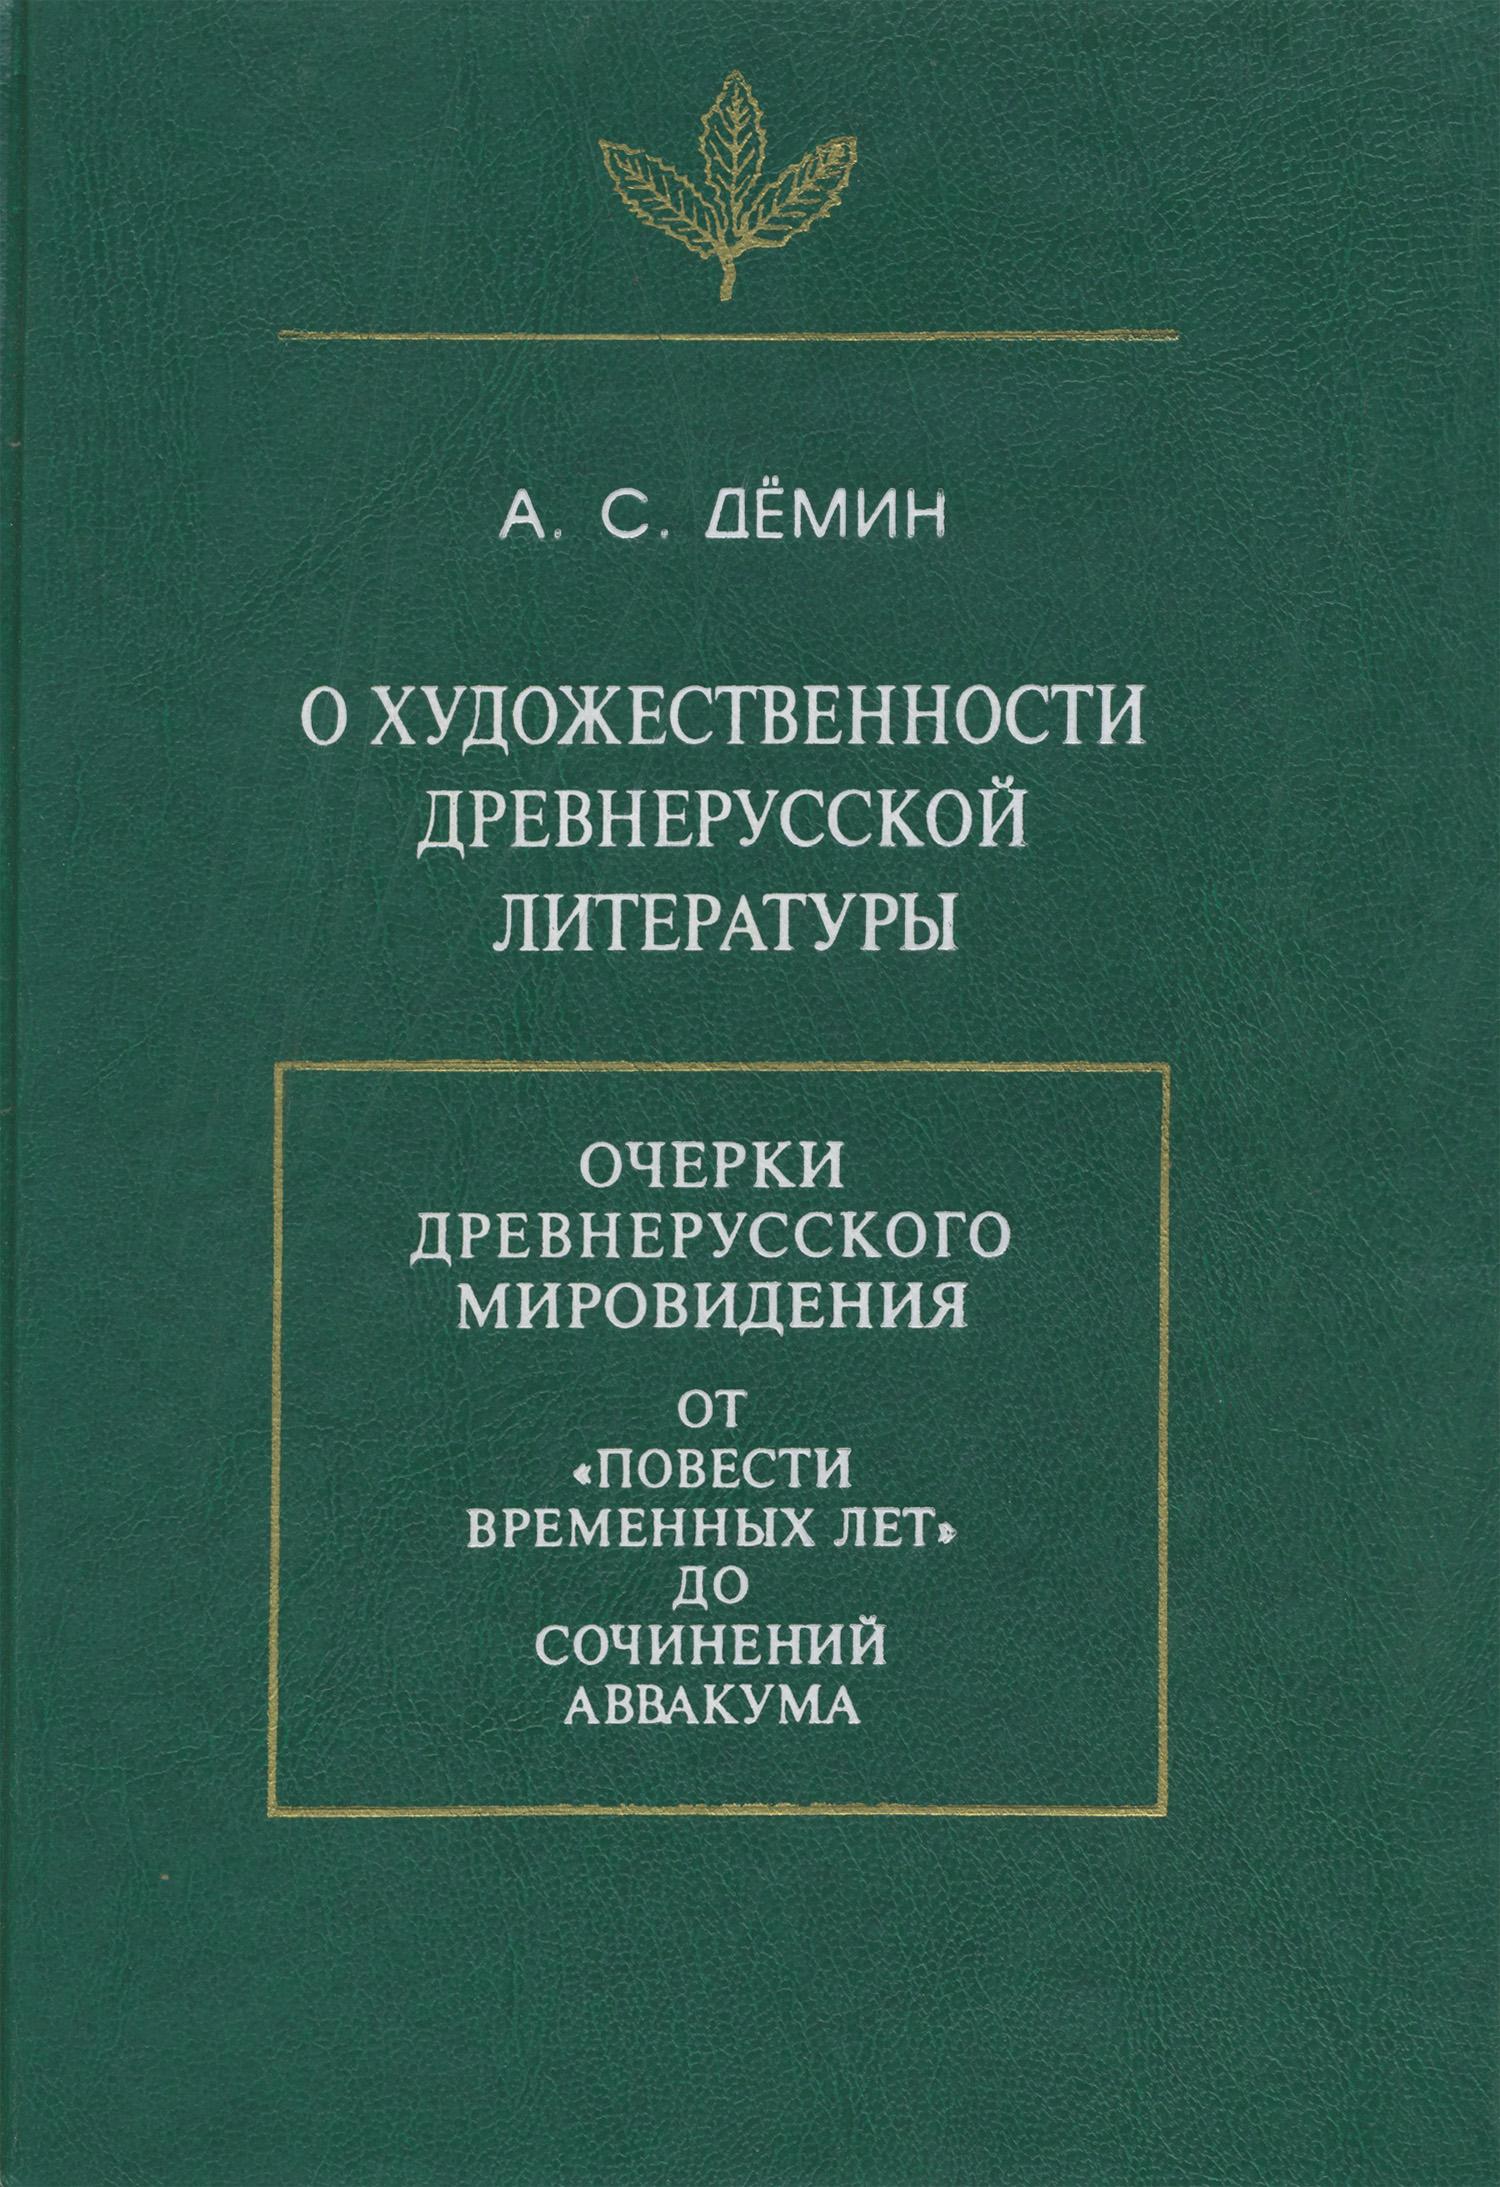 А. С. Демин О художественности древнерусской литературы